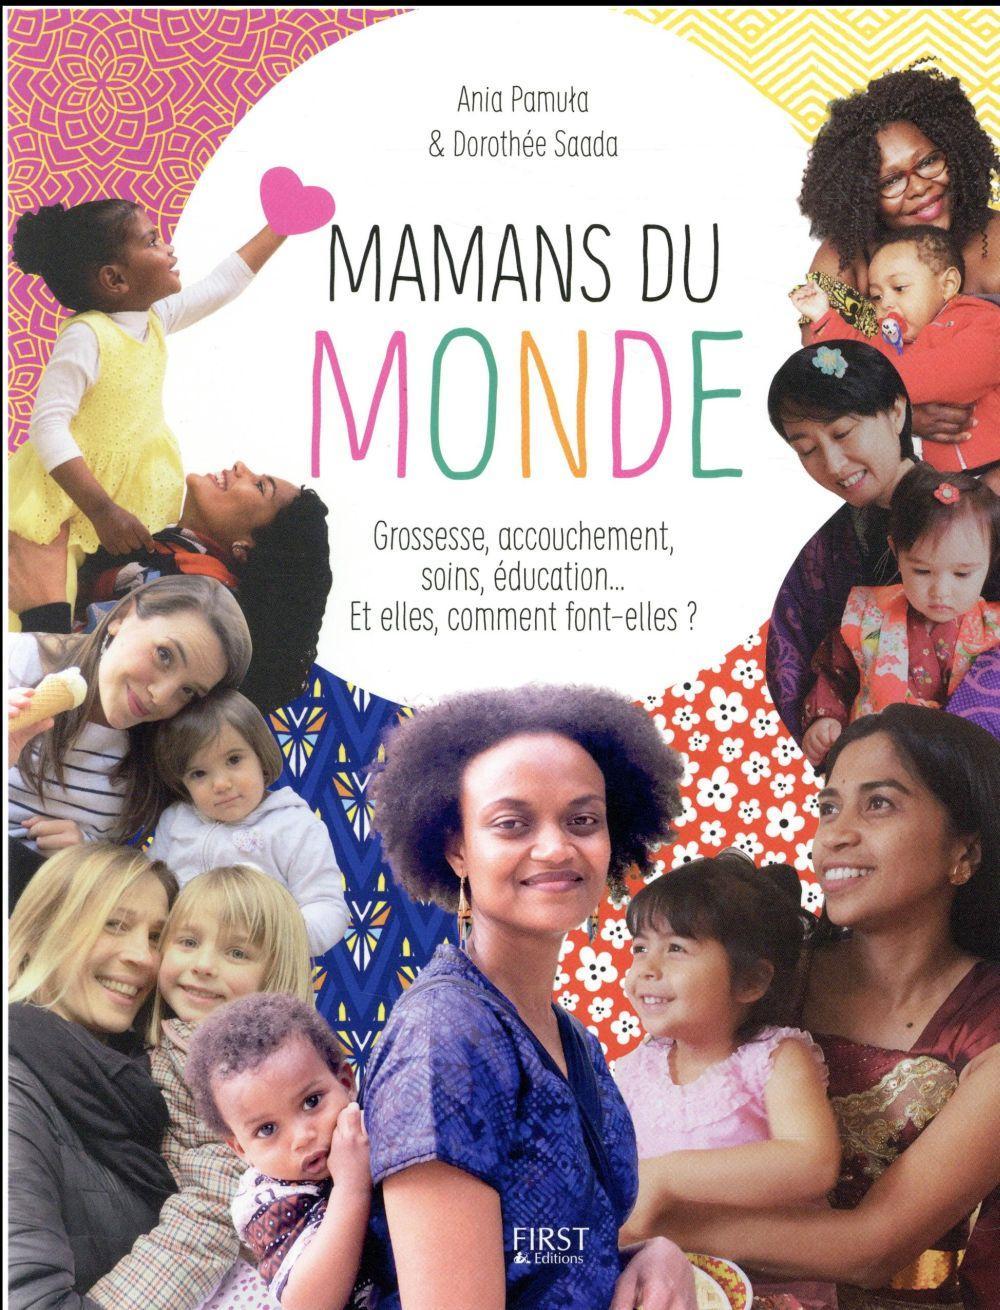 Vente Livre : Mamans du monde ...